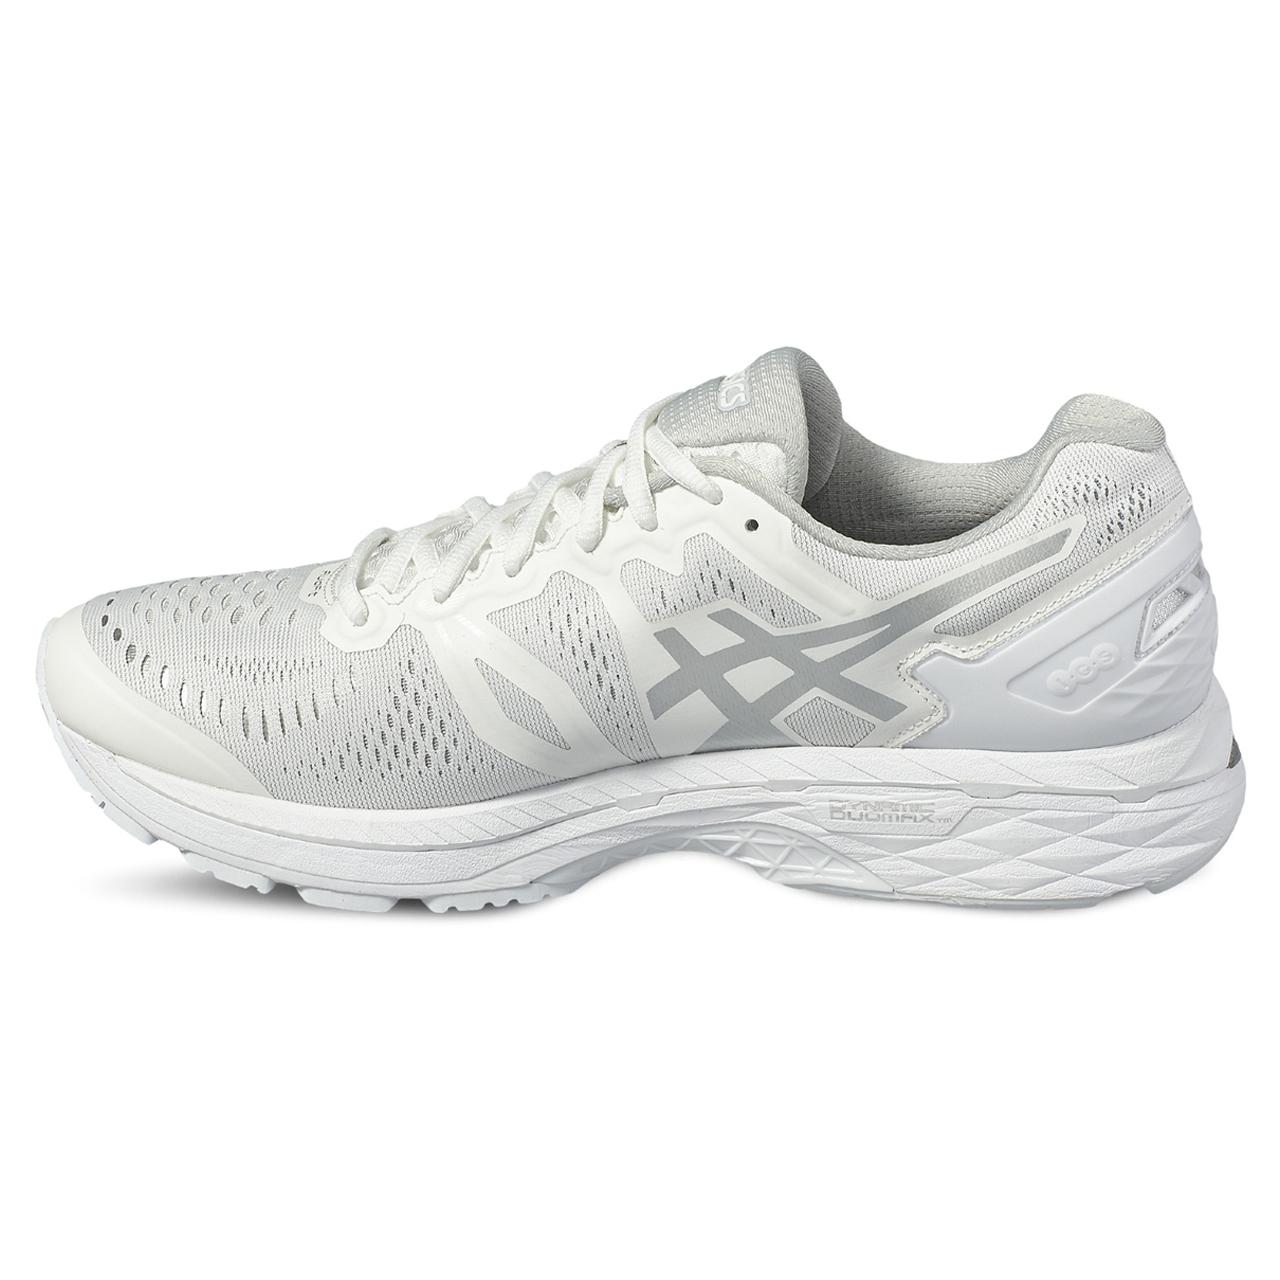 قیمت کفش ورزشی مخصوص دویدن و پیاده روی مردانه اسیکس مدل Gel Kayano   کد اصلی T643N12